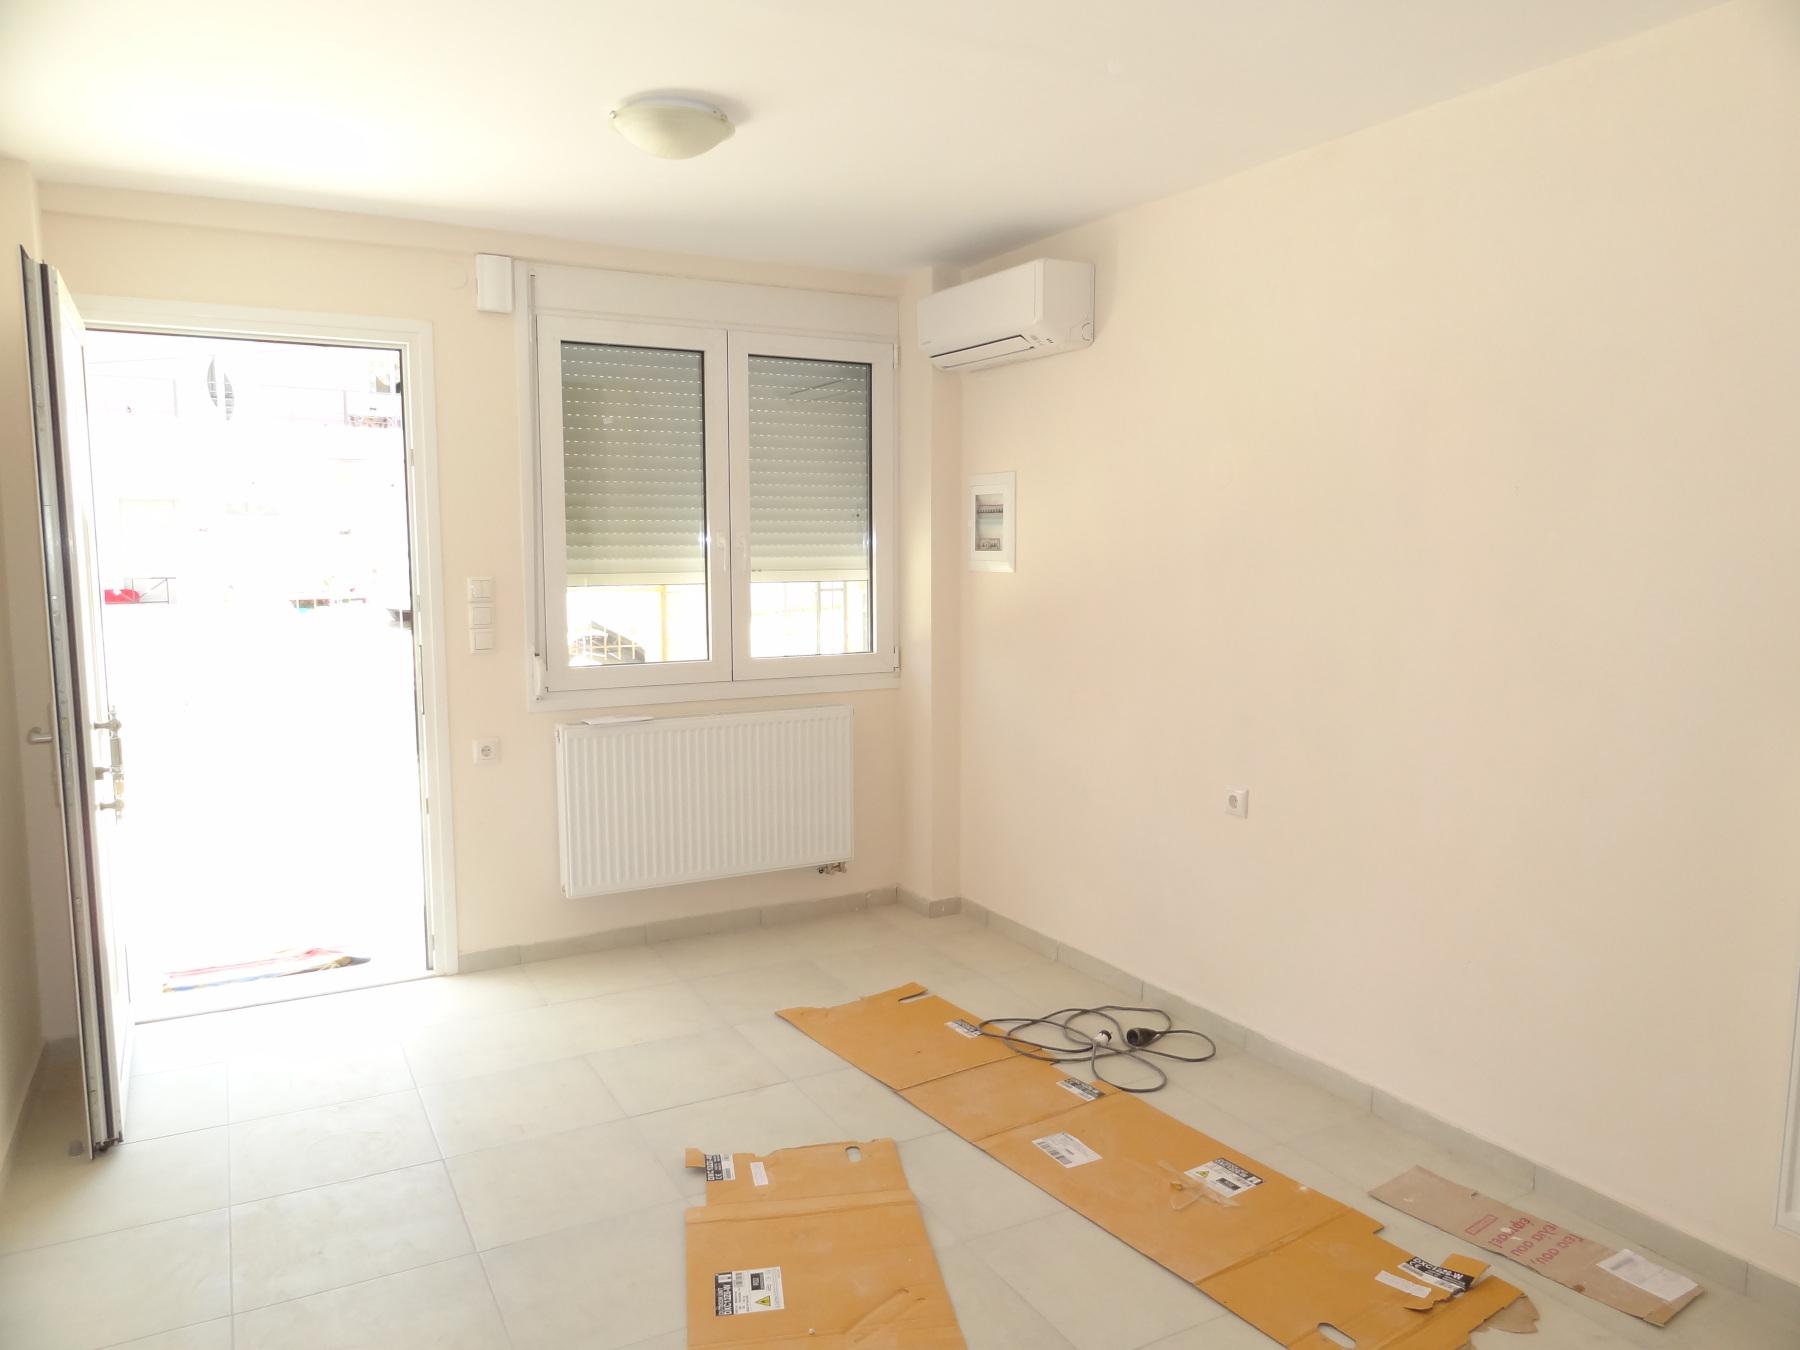 Ενοικιάζεται νεόδμητο 2αρι διαμέρισμα σε στυλ μεζονέτας 52 τ.μ. στην Εξοχή Ιωαννίνων πλησίον της λεωφόρου Γράμμου